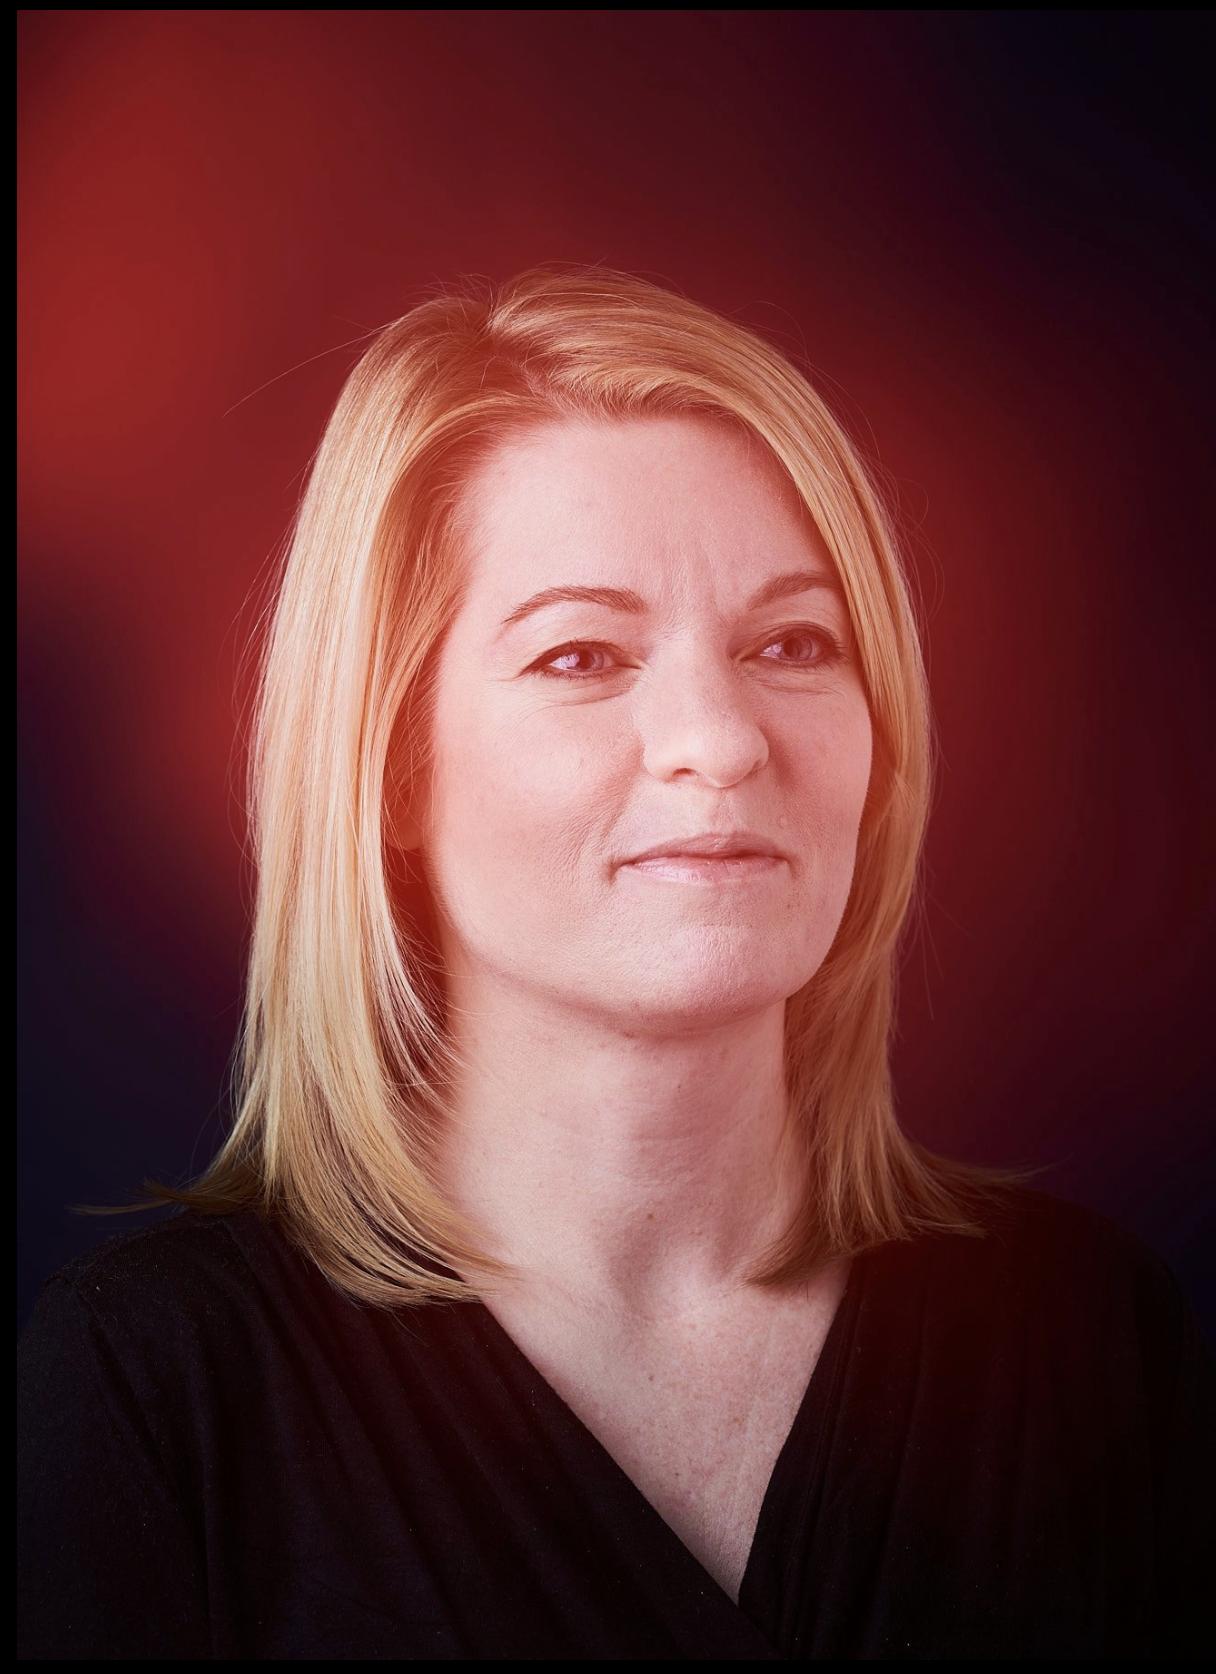 Portrait of Sarah Roßbach